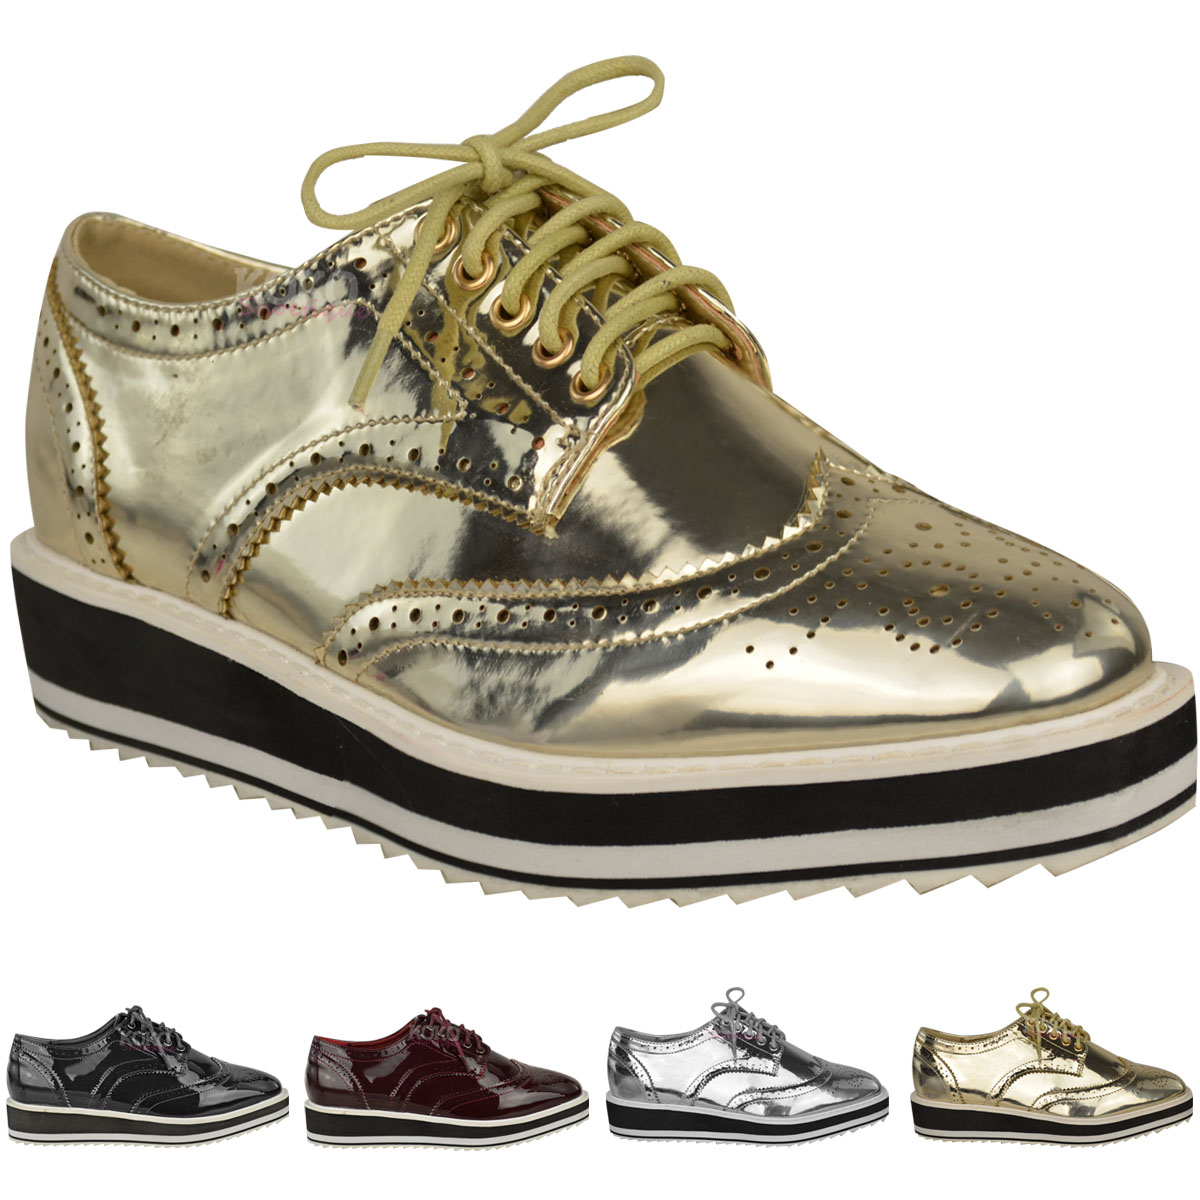 Creepers Shoes Amazon Uk